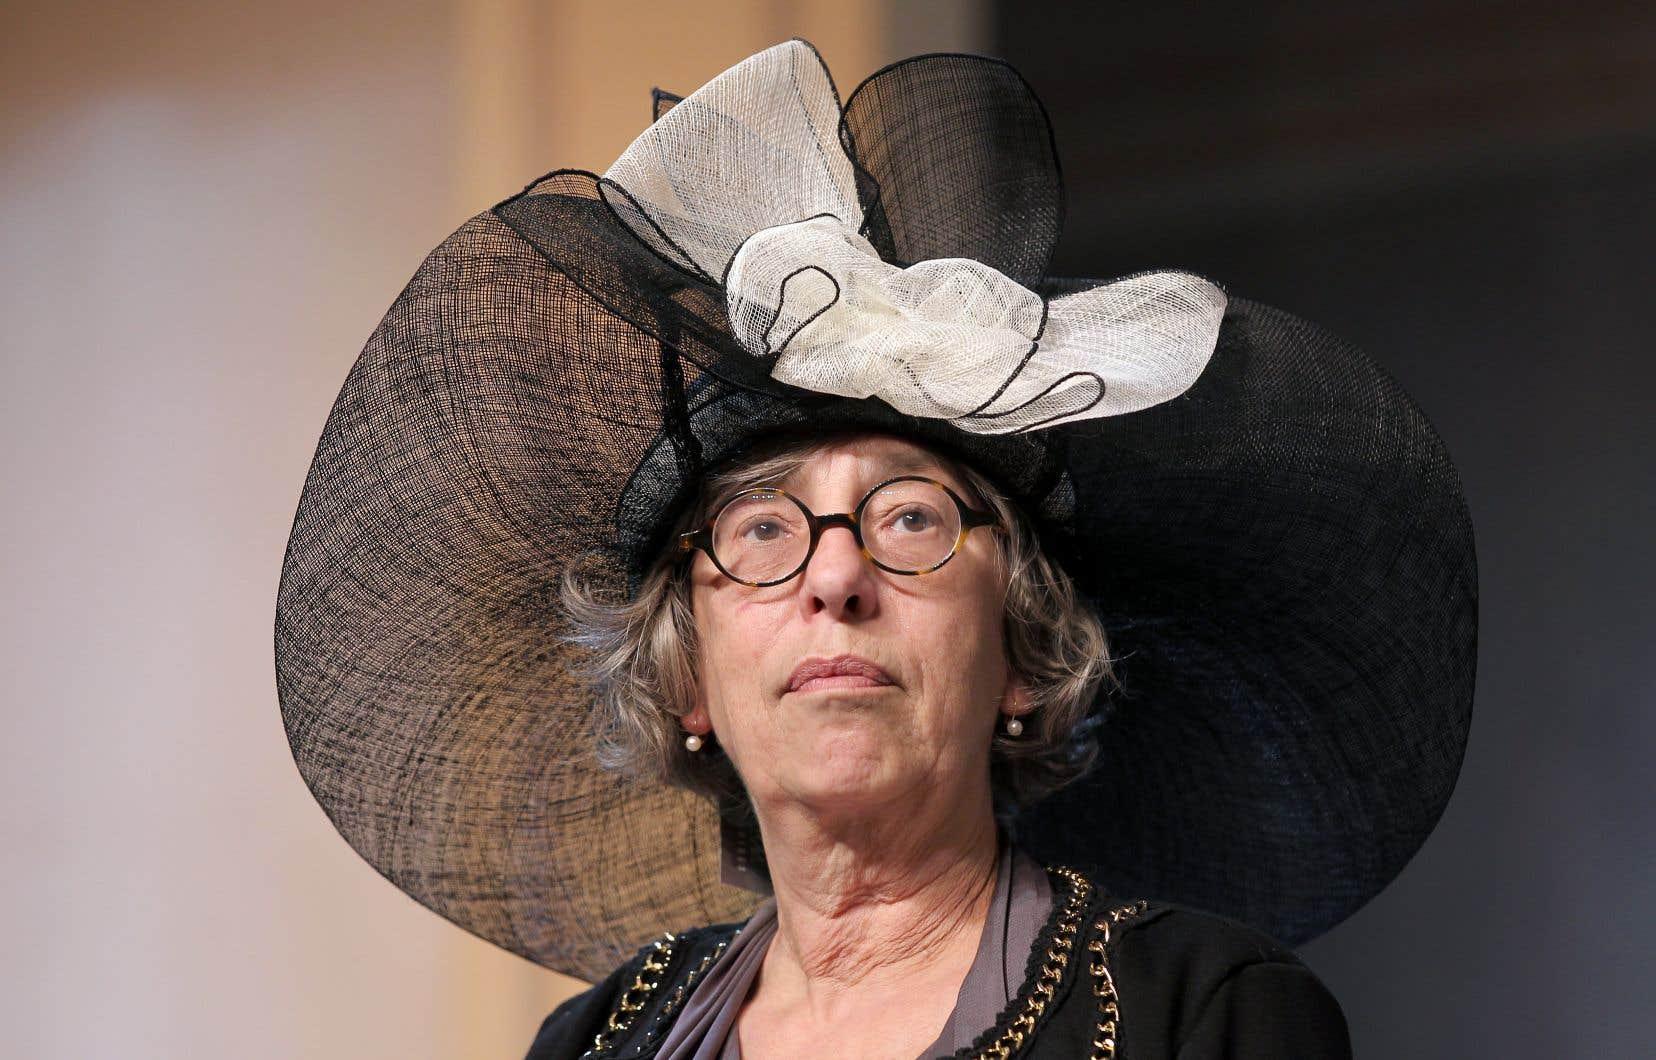 Anémone, Anne Bourguignon de son vrai nom, est décédée à 68 ans des suites d'une longue maladie.